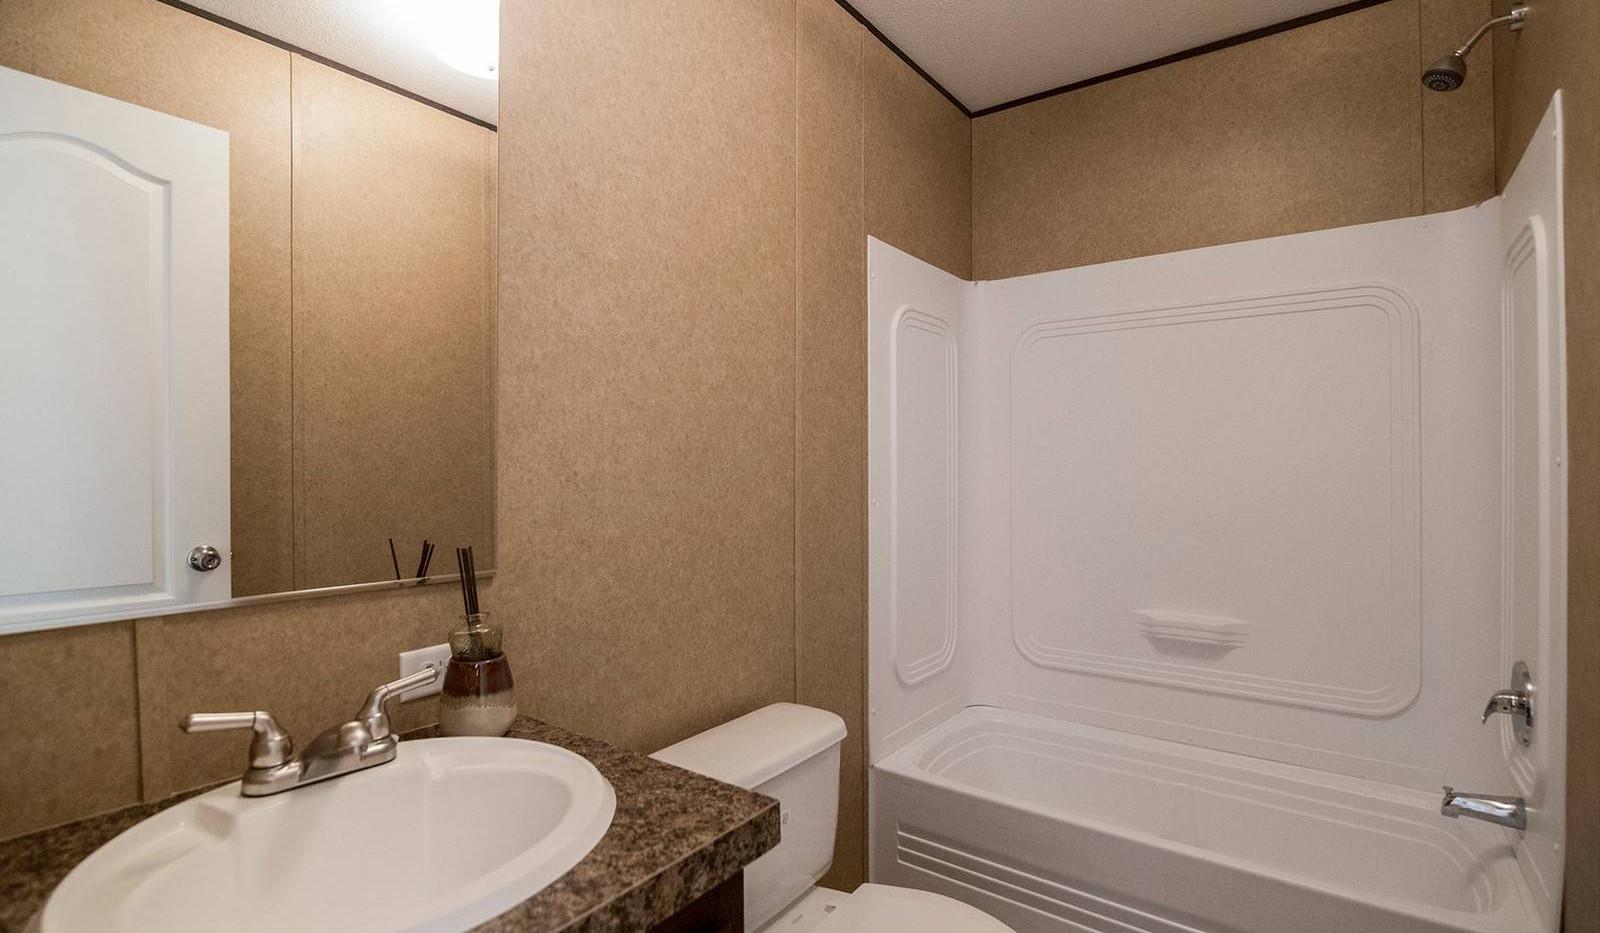 10-puebla-bathroom-1-copy-1600x1067.jpg